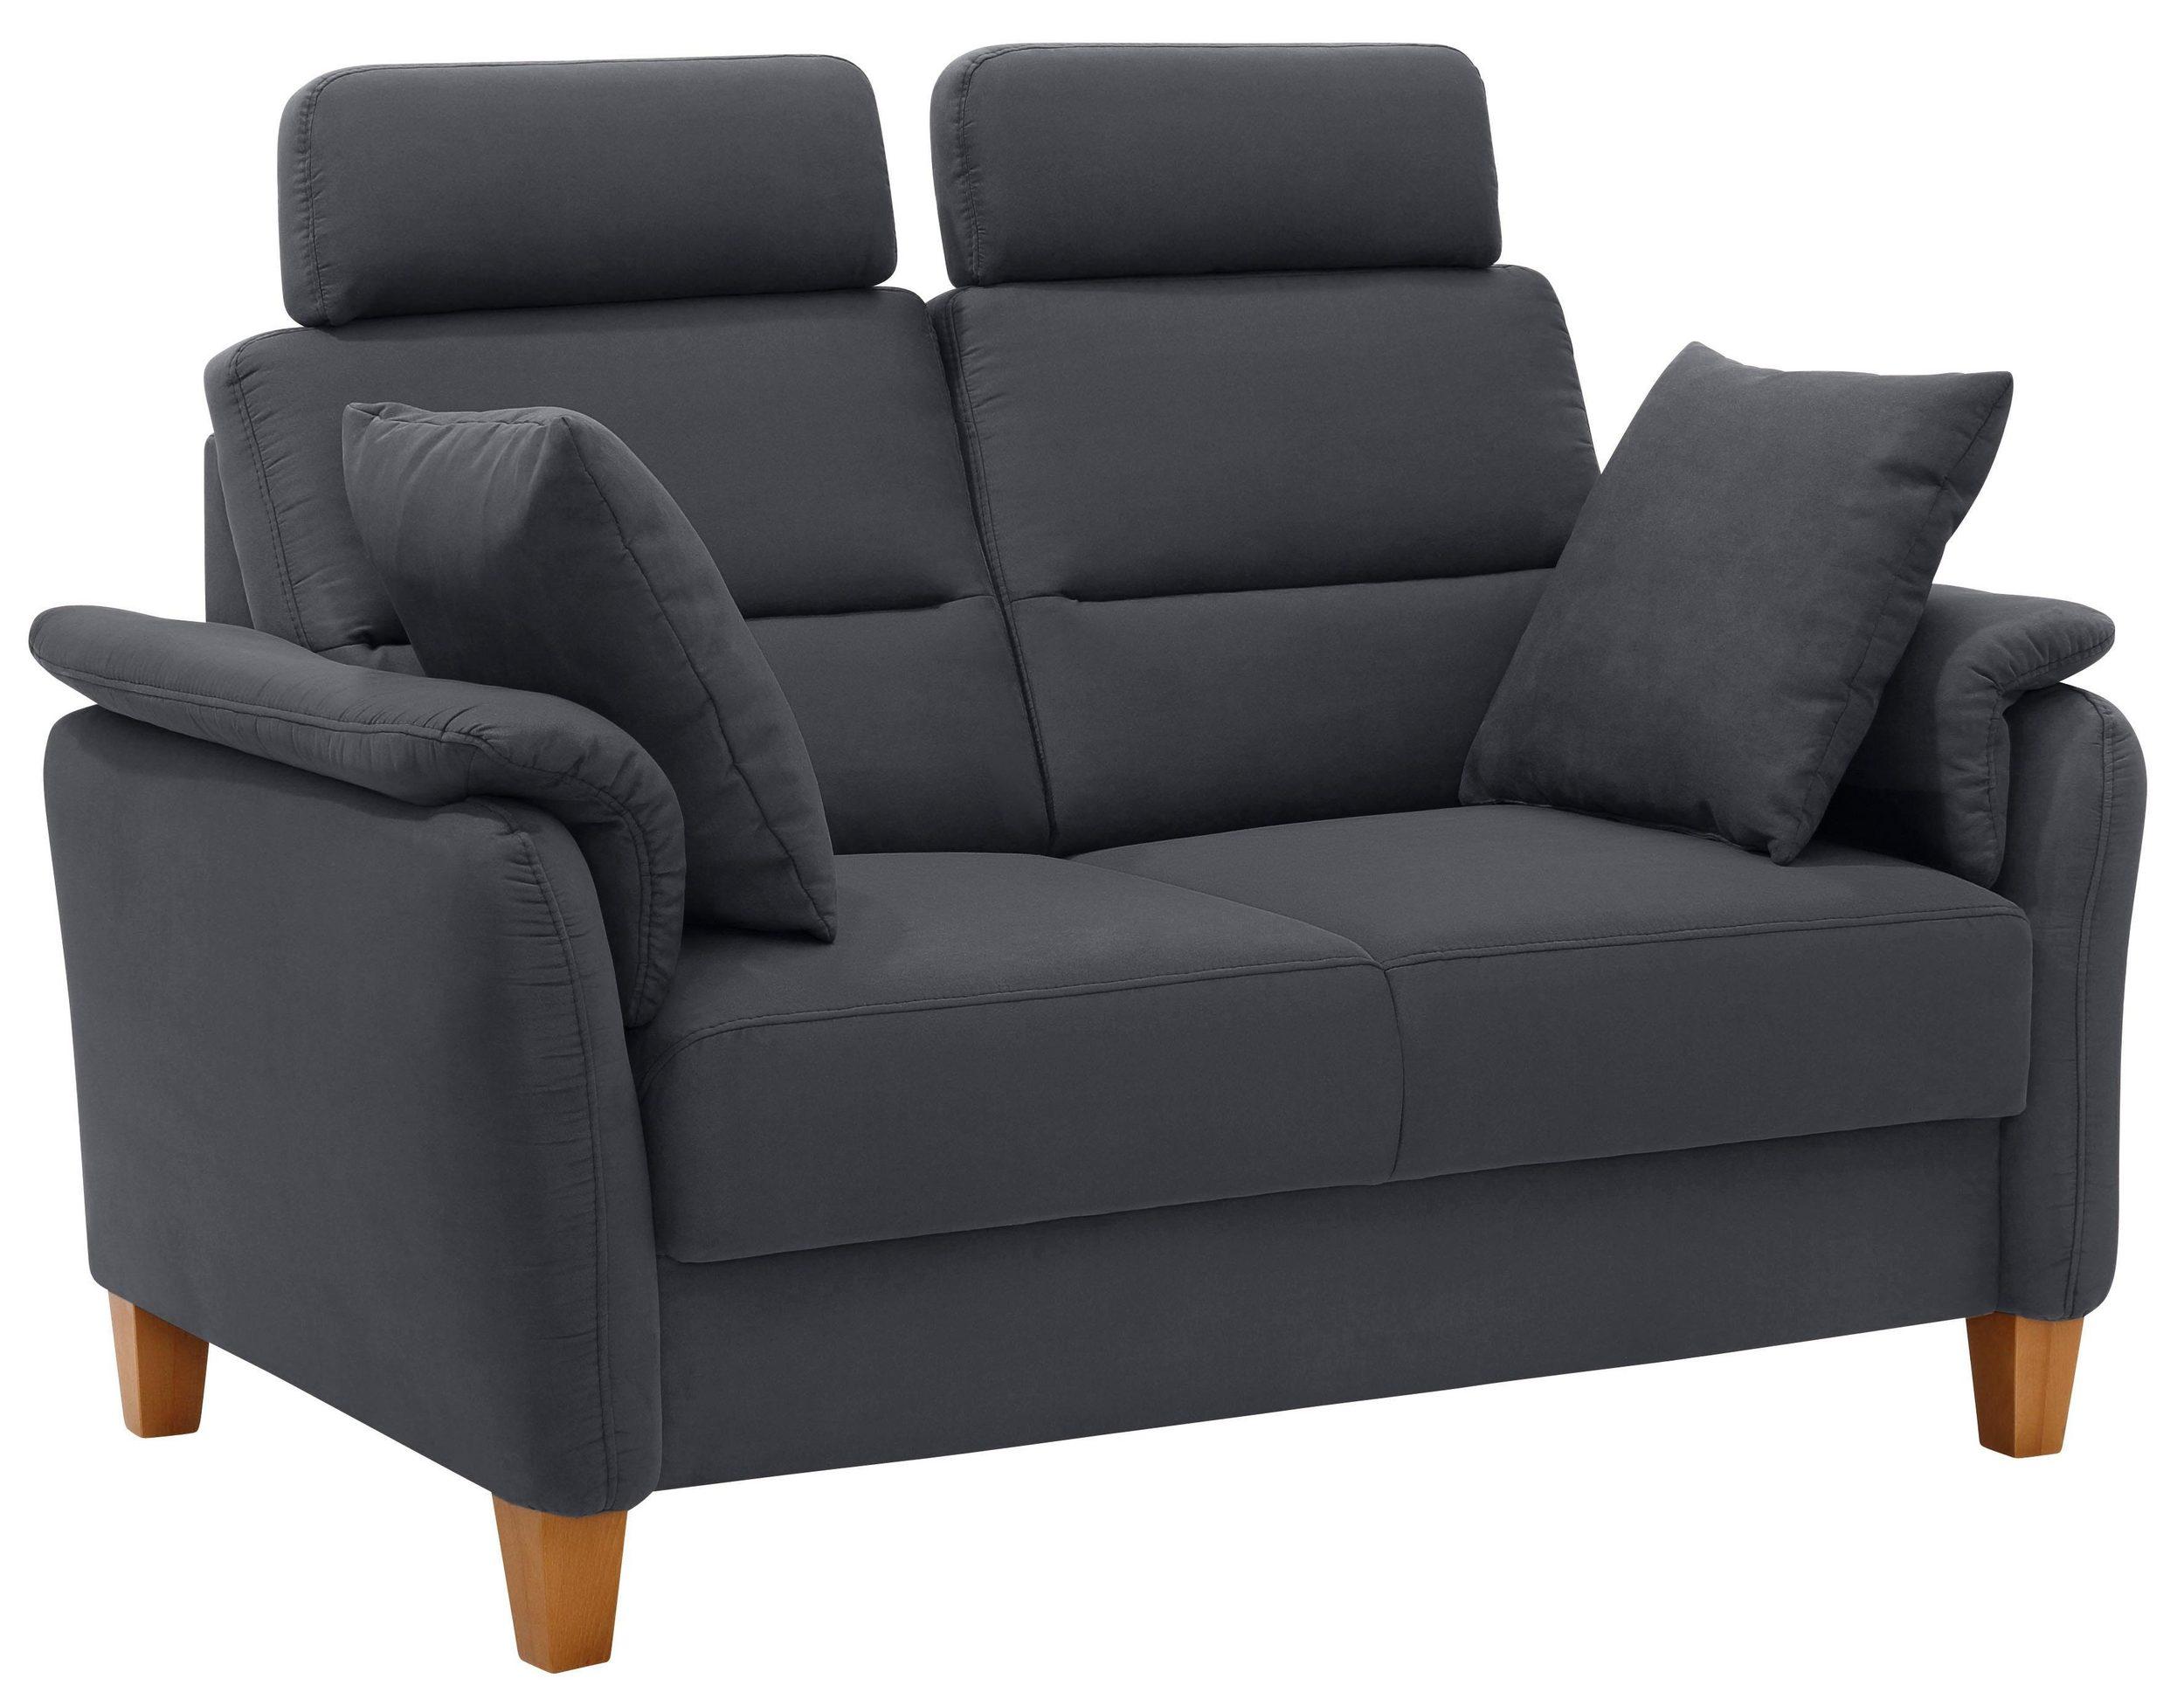 2-Sitzer Sofa Palmera inkl. Kopfstütze